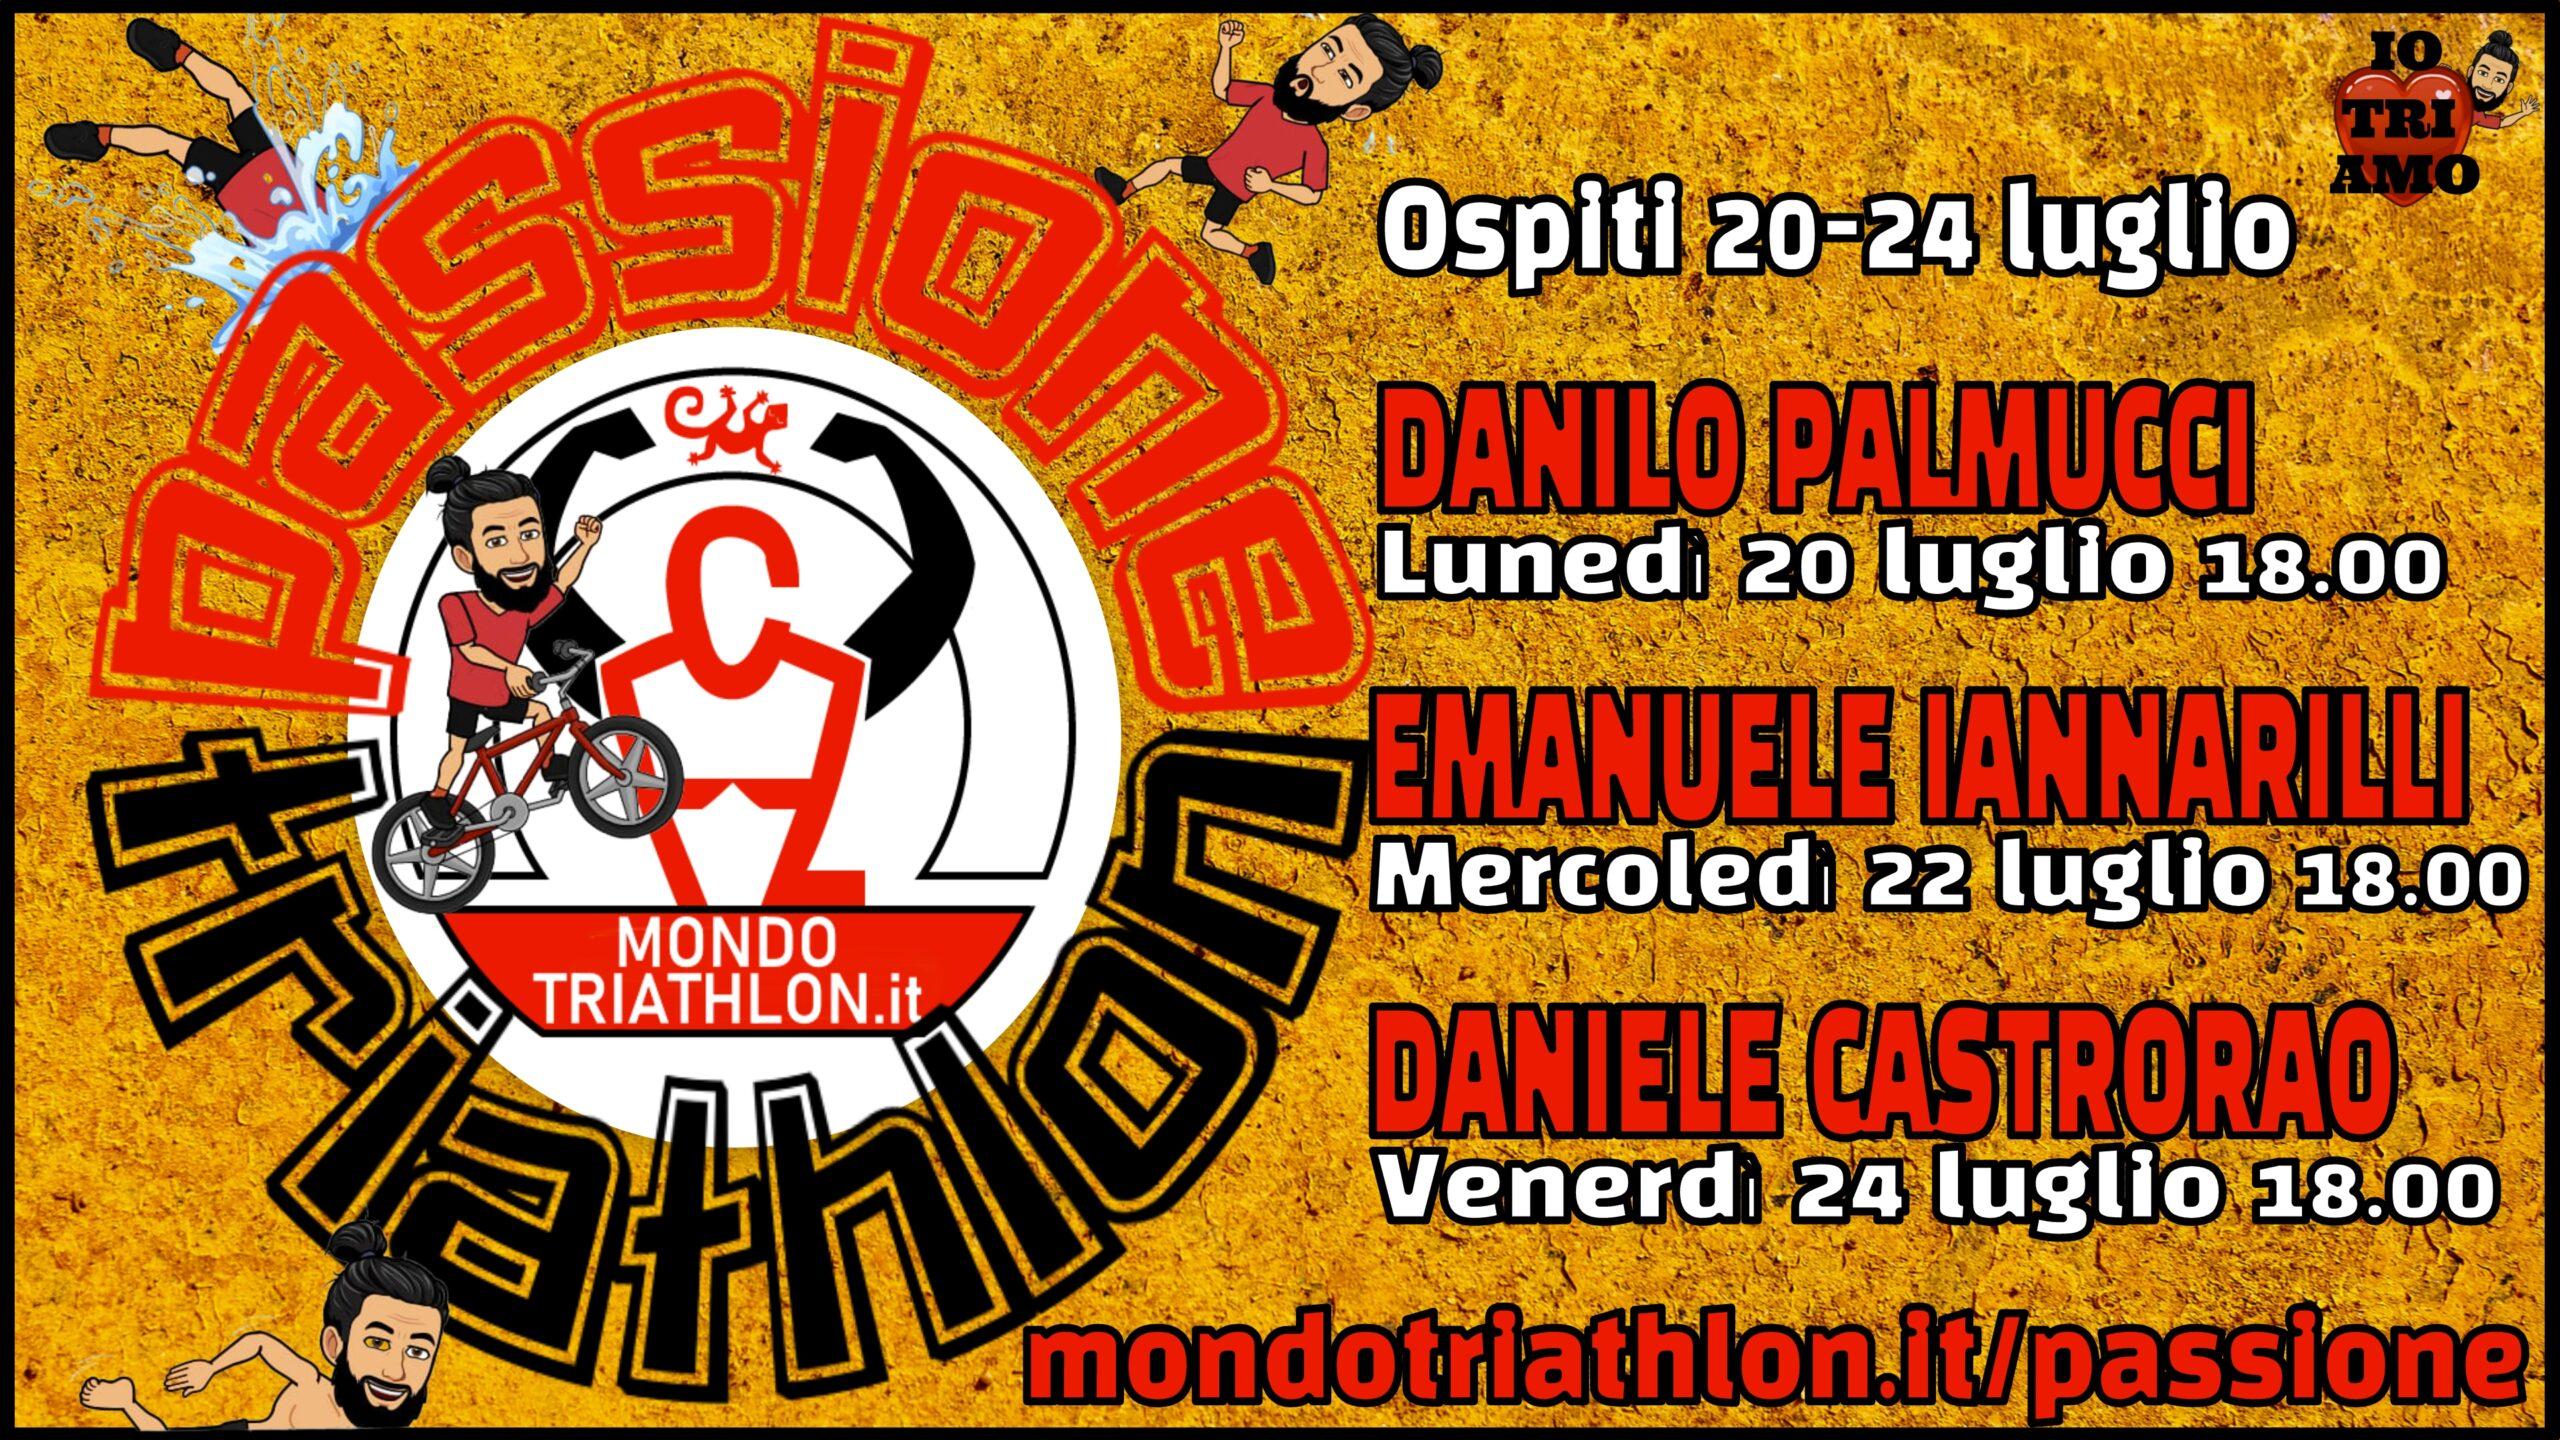 Passione Triathlon, il palinsesto dal 20 al 24 luglio 2020, con Danilo Palmucci, Emanuele Iannarilli e Daniele Castrorao